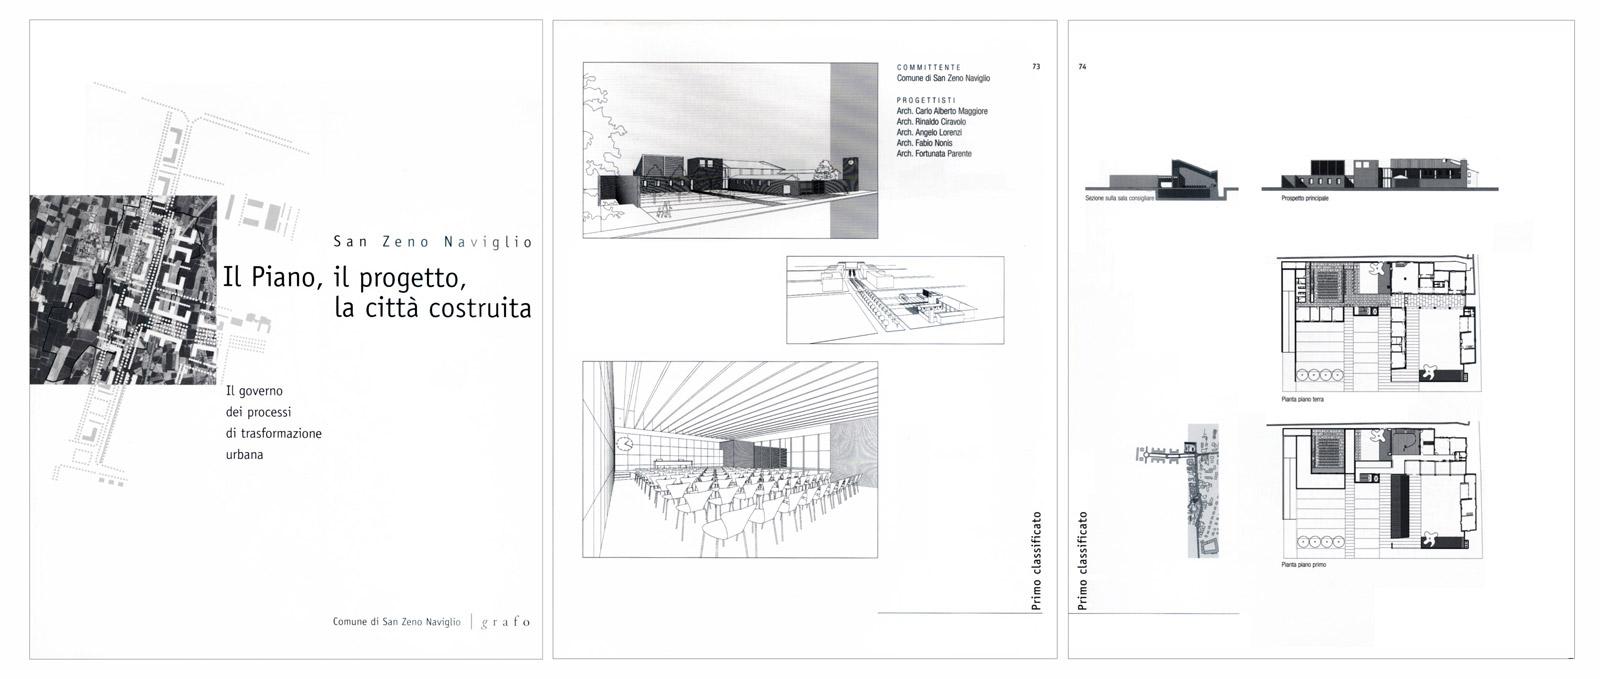 Il Piano, il progetto, la città costruita, a cura di L. Lussignoli, Grafo, 2004